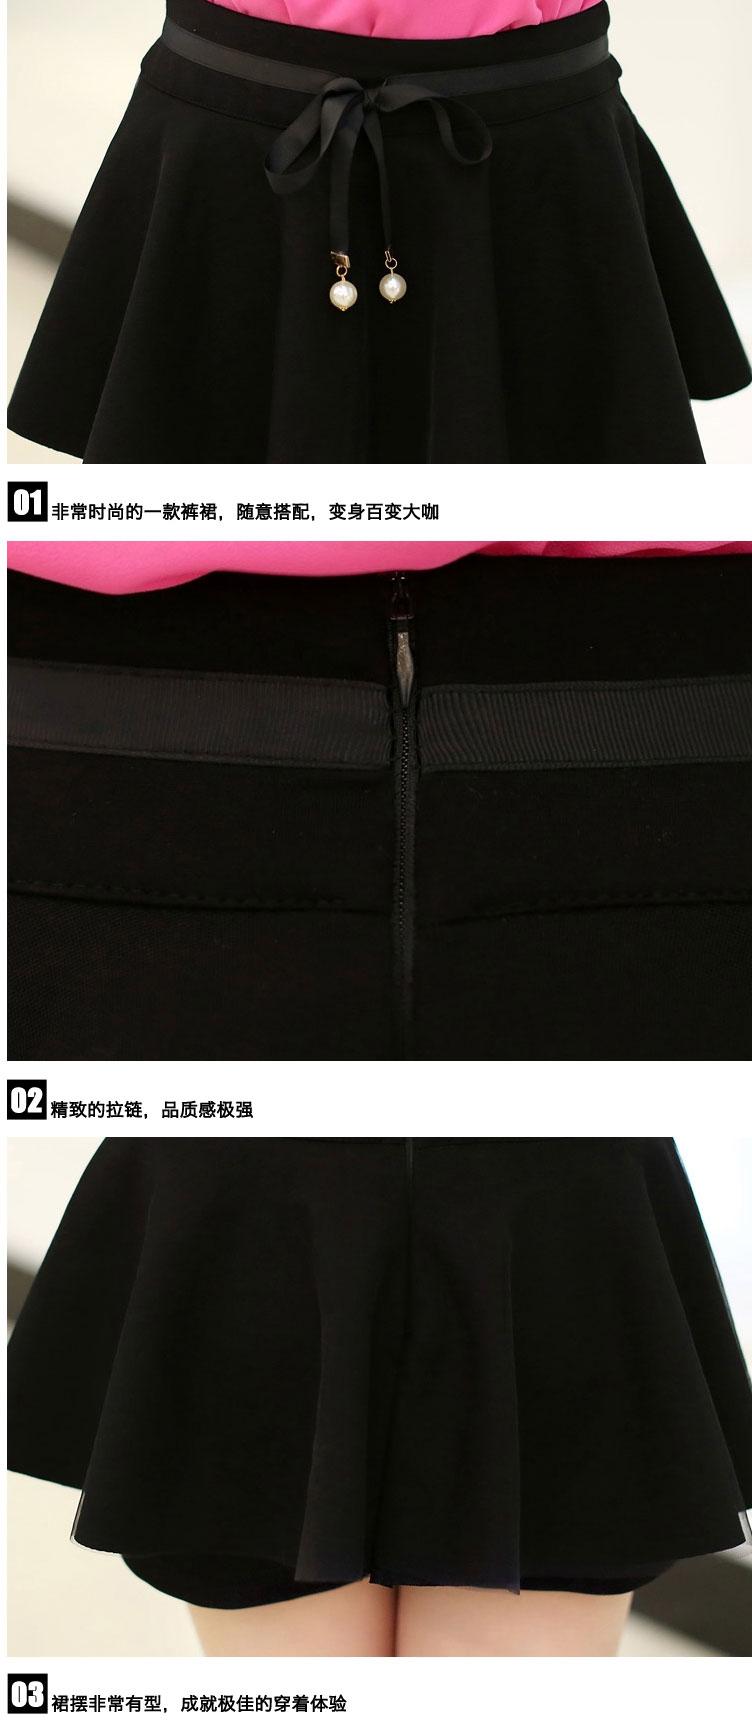 2015夏季新款女装韩版纯色短裙1958